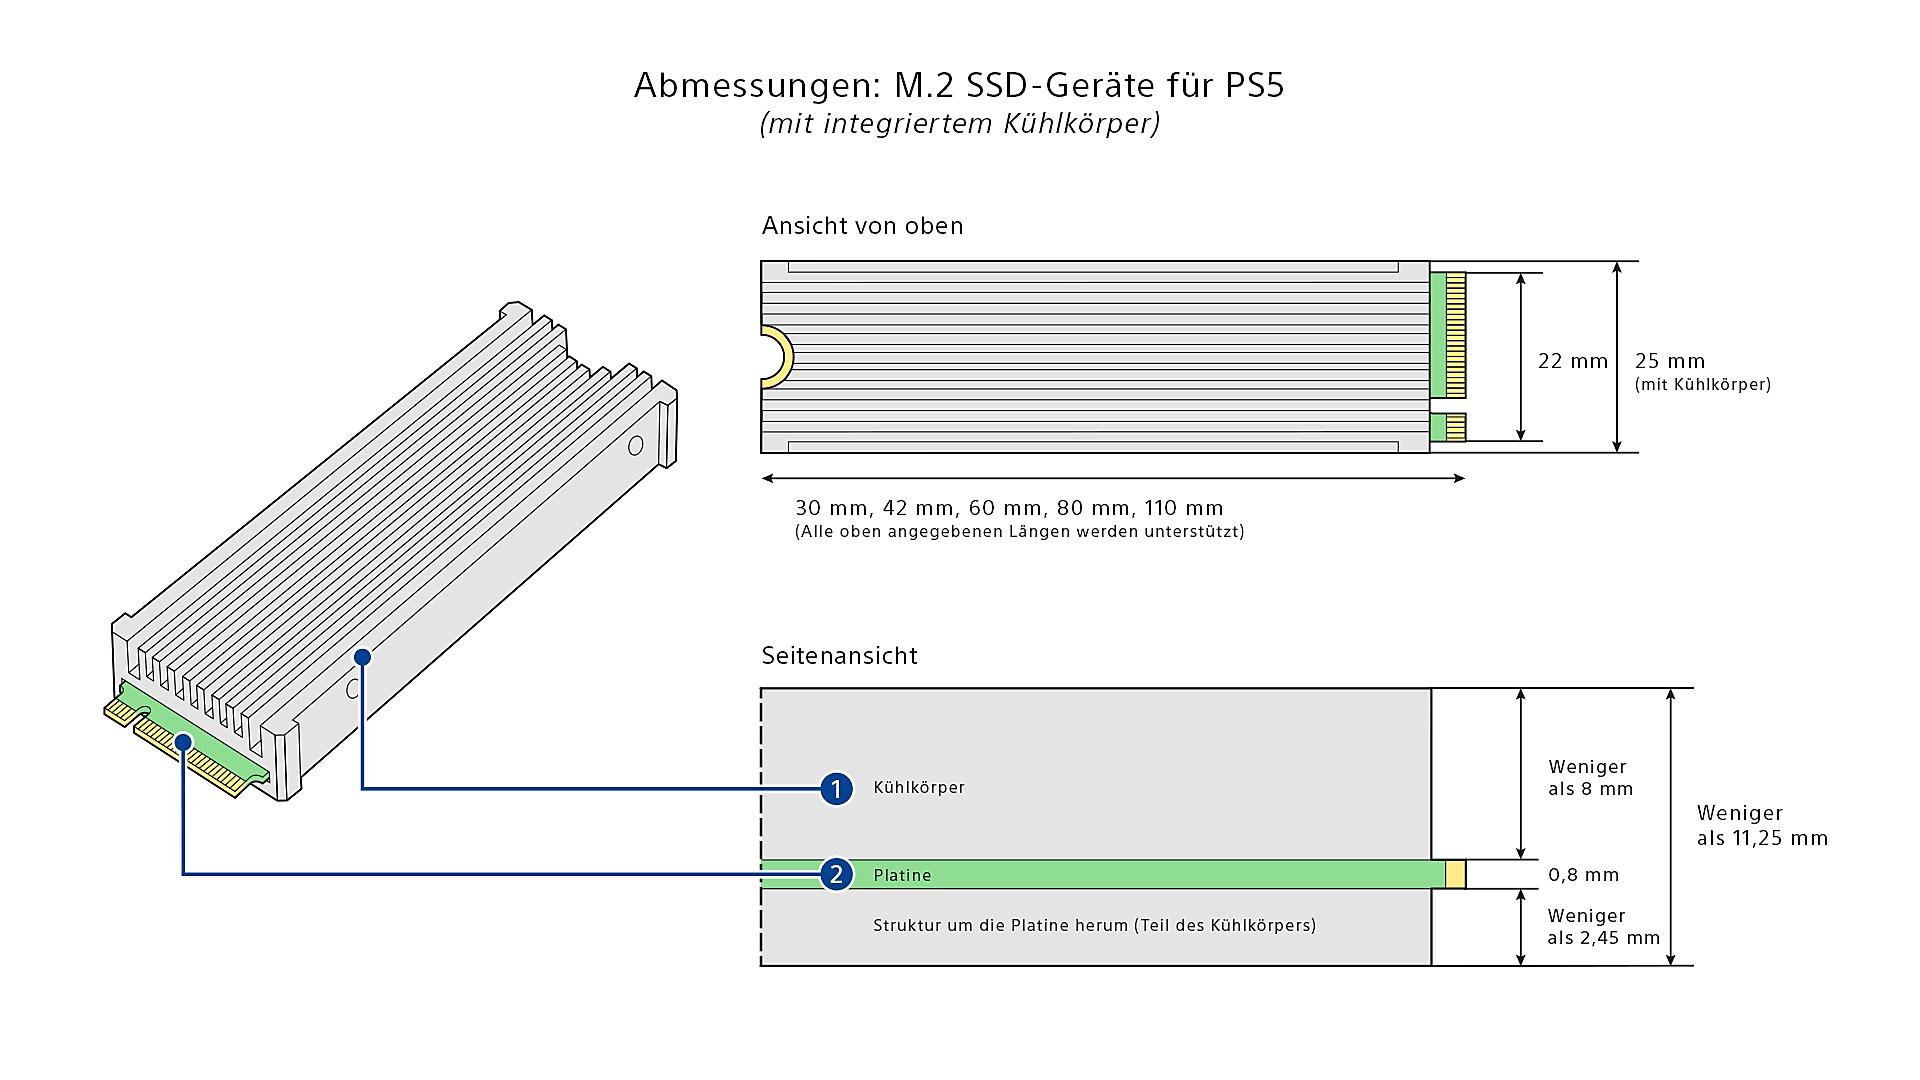 Abmessungen für M.2 SSD mit integriertem Kühlkörper